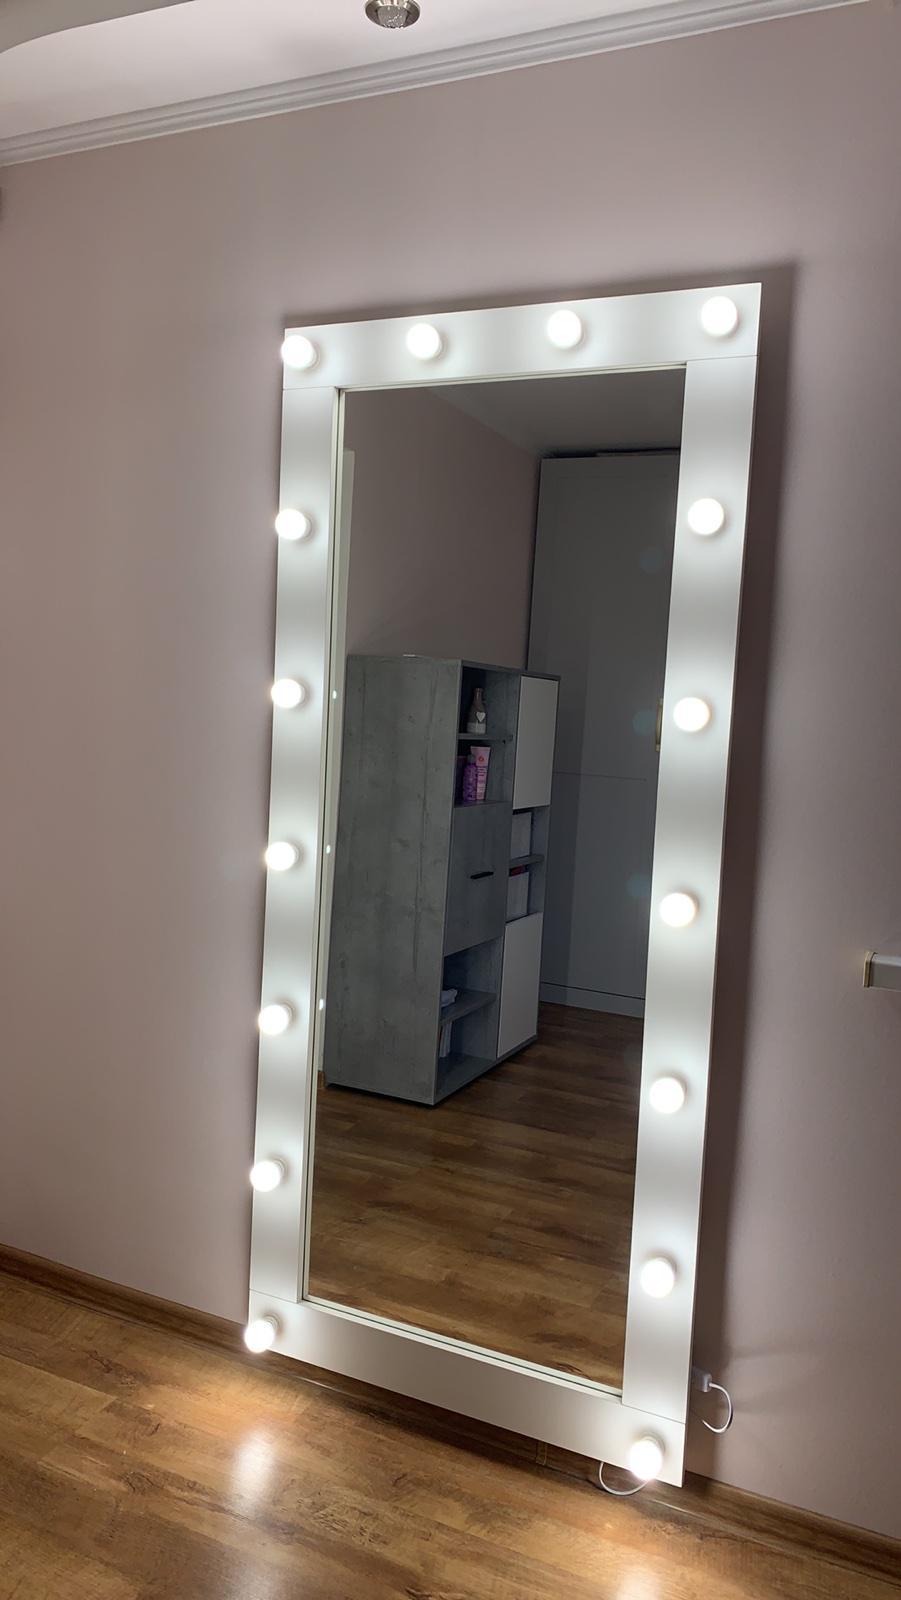 Зеркало 1800х800 см полный рост настенное/напольное (200-180x80)